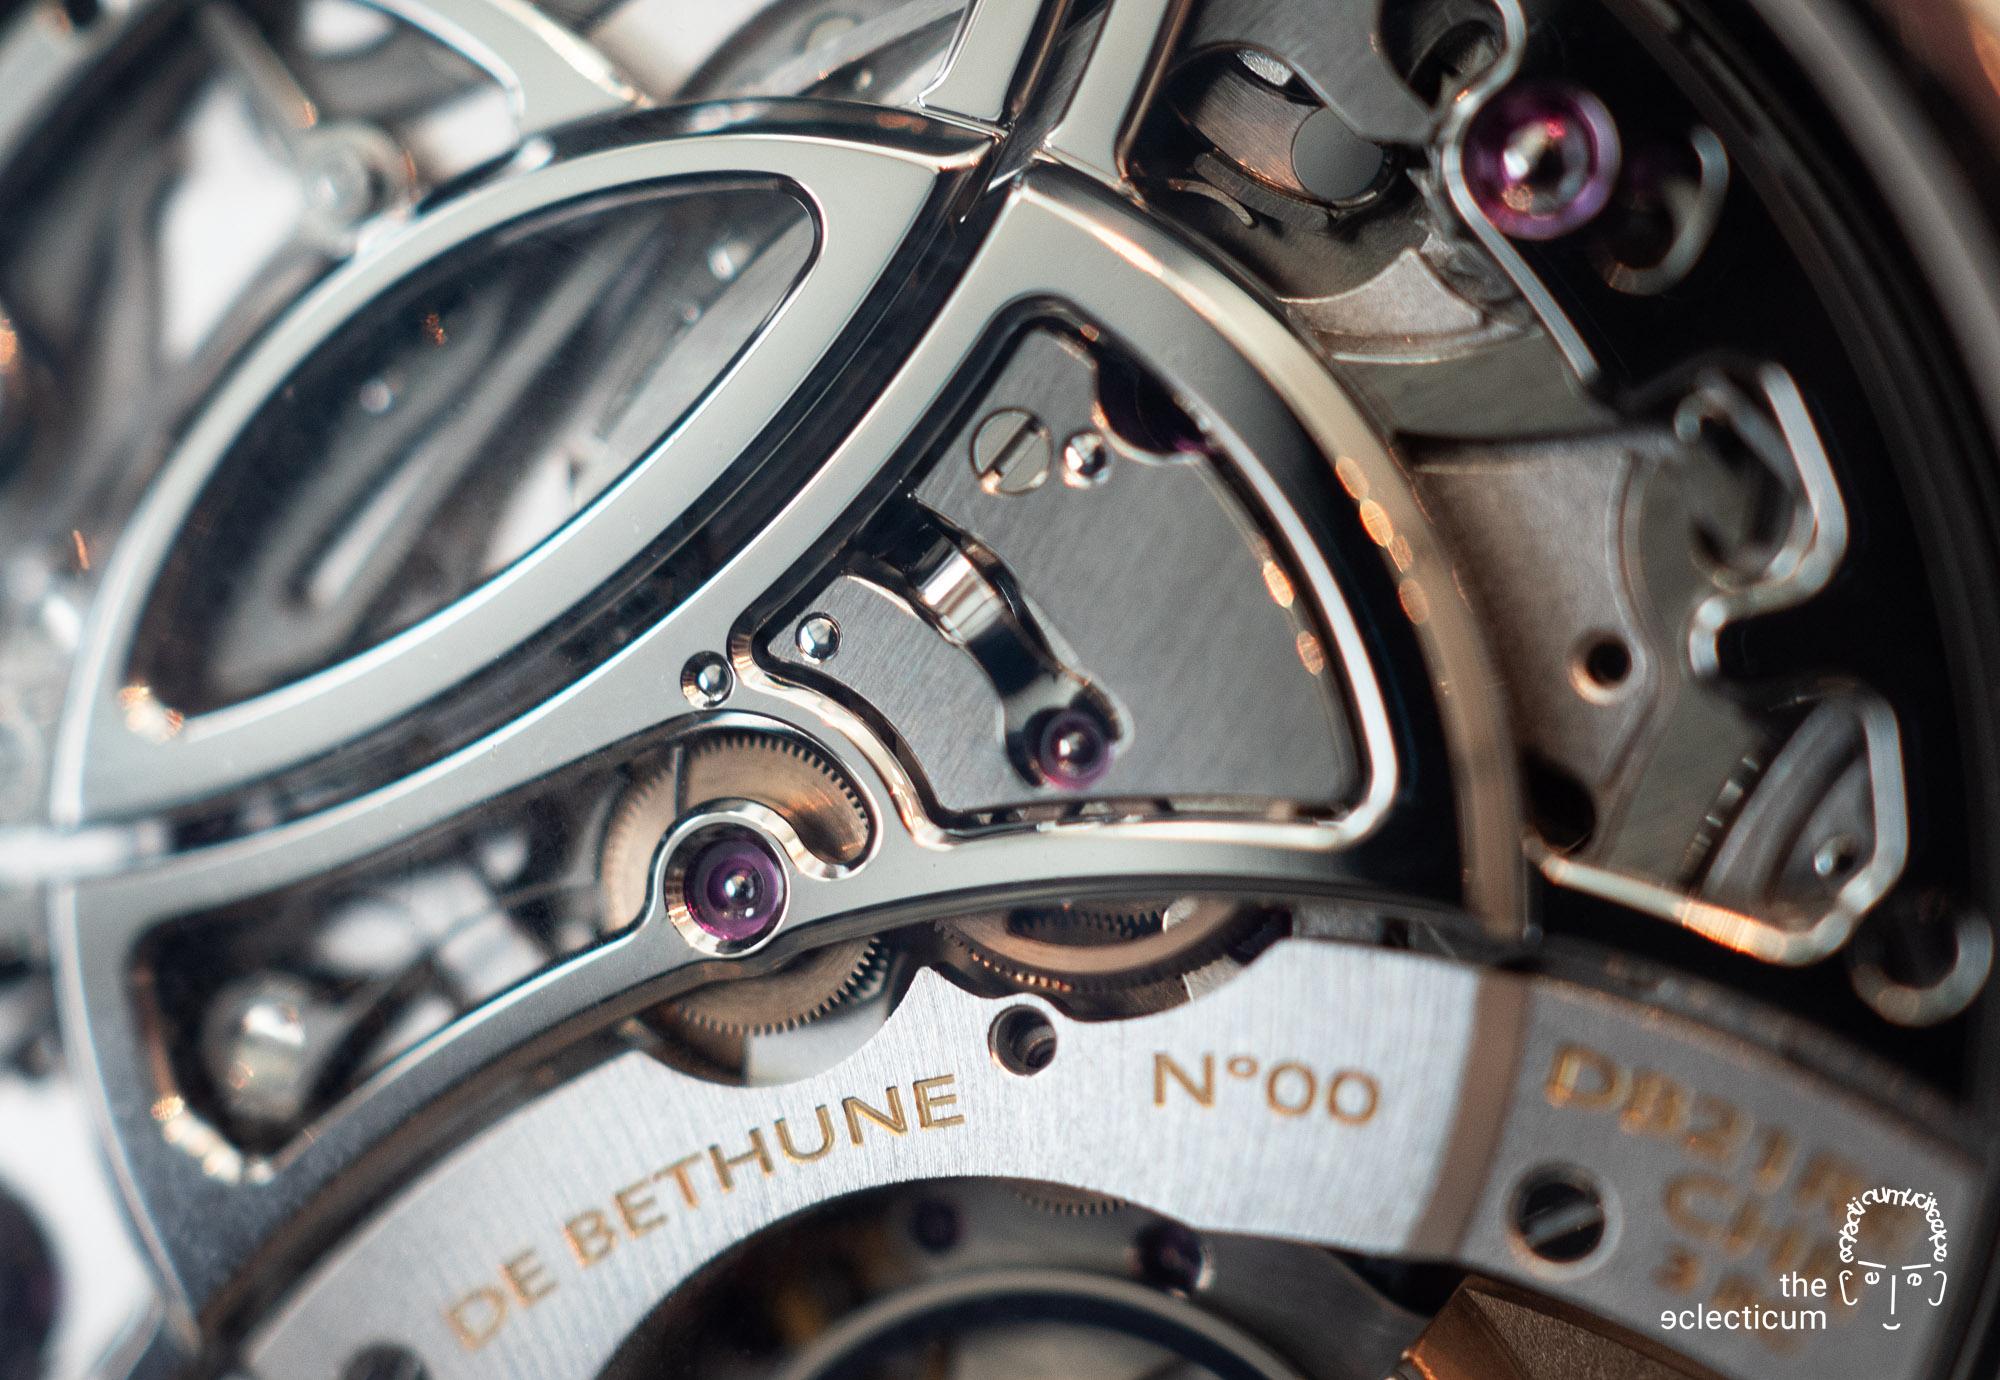 De Bethune MaxiChrono chronograph Central stack movement Cal. DB2030